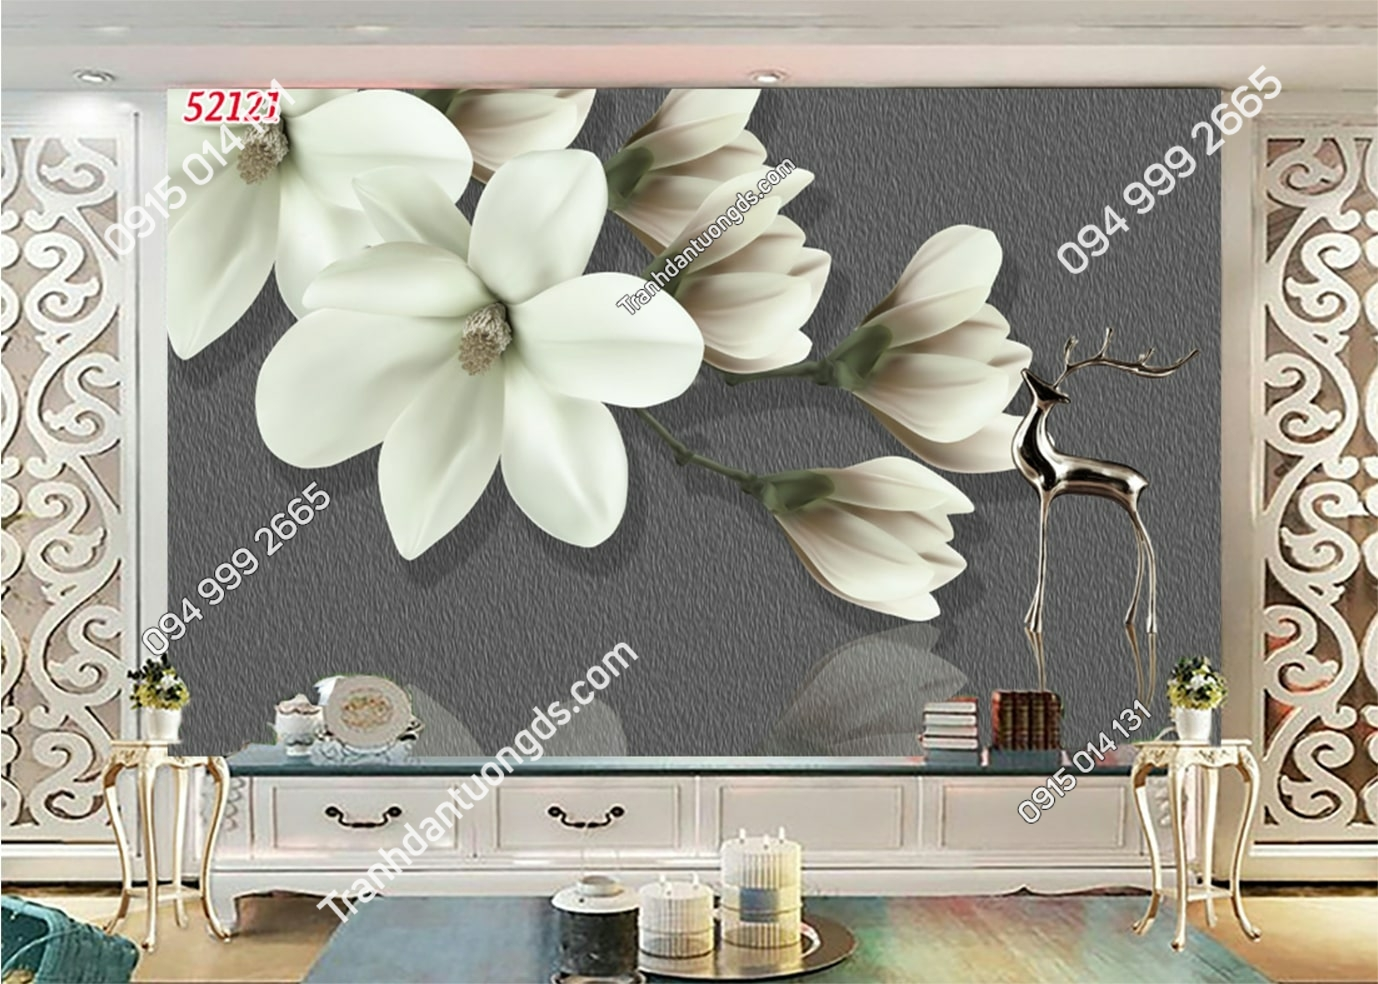 Tranh hoa 3D trắng hiện đại 52121